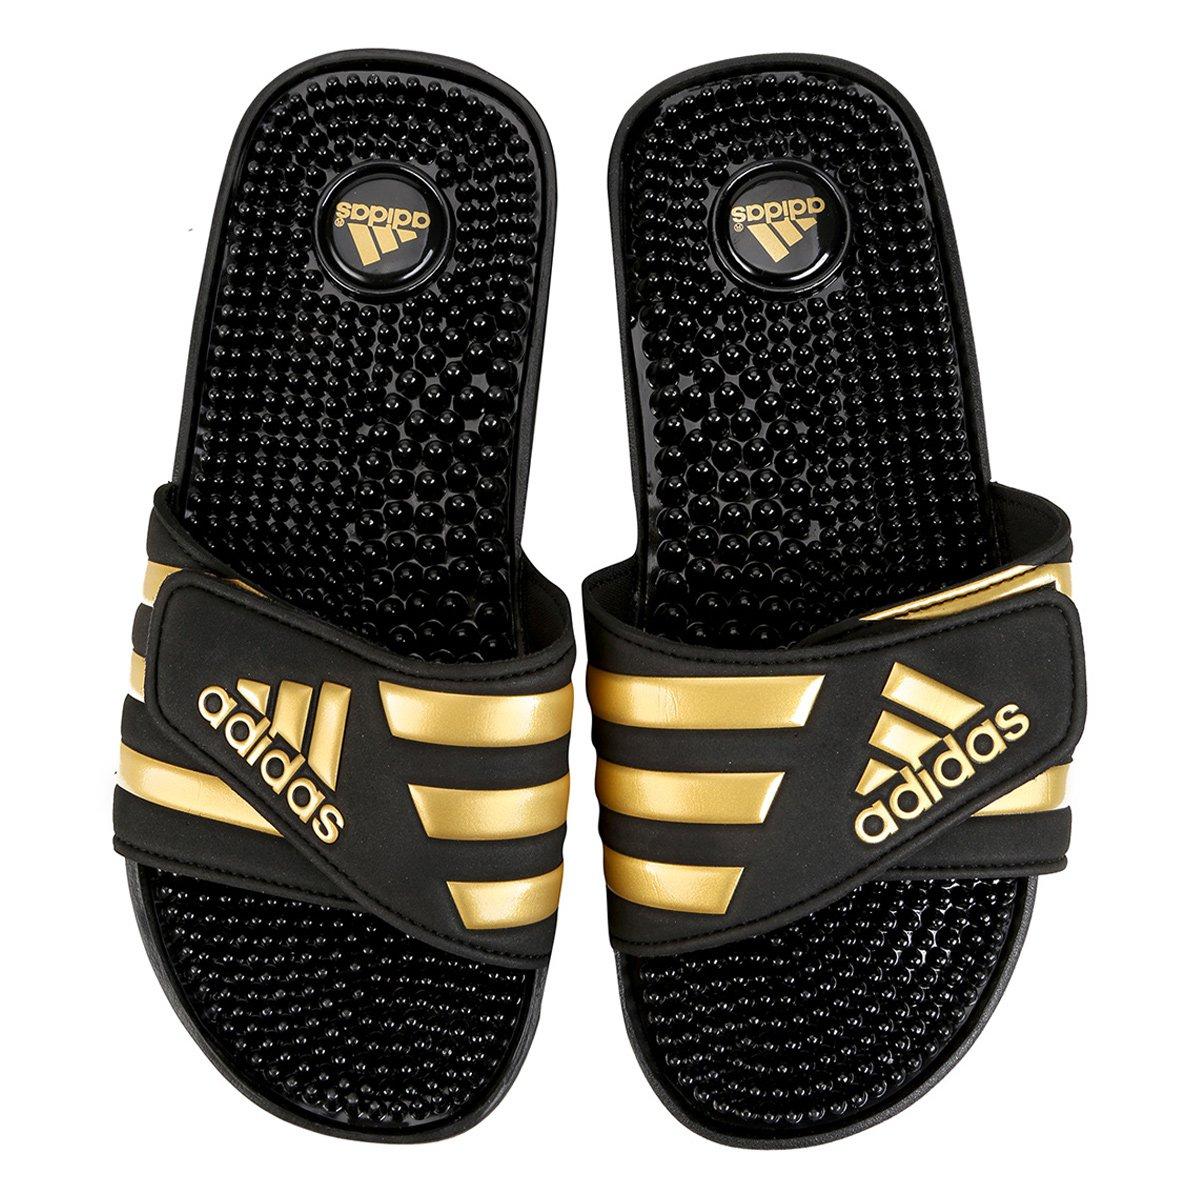 fa34625ac Chinelo Adidas Adissage - Compre Agora